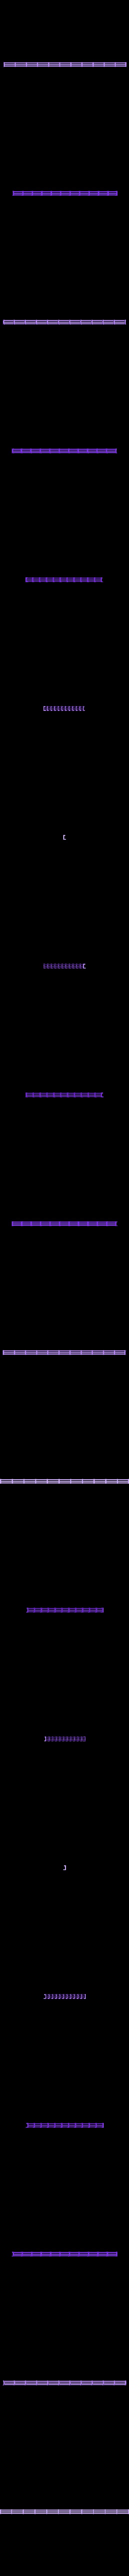 ladder_h.stl Télécharger fichier STL gratuit Boxcar russe série 11-270, échelle HO • Design pour impression 3D, positron